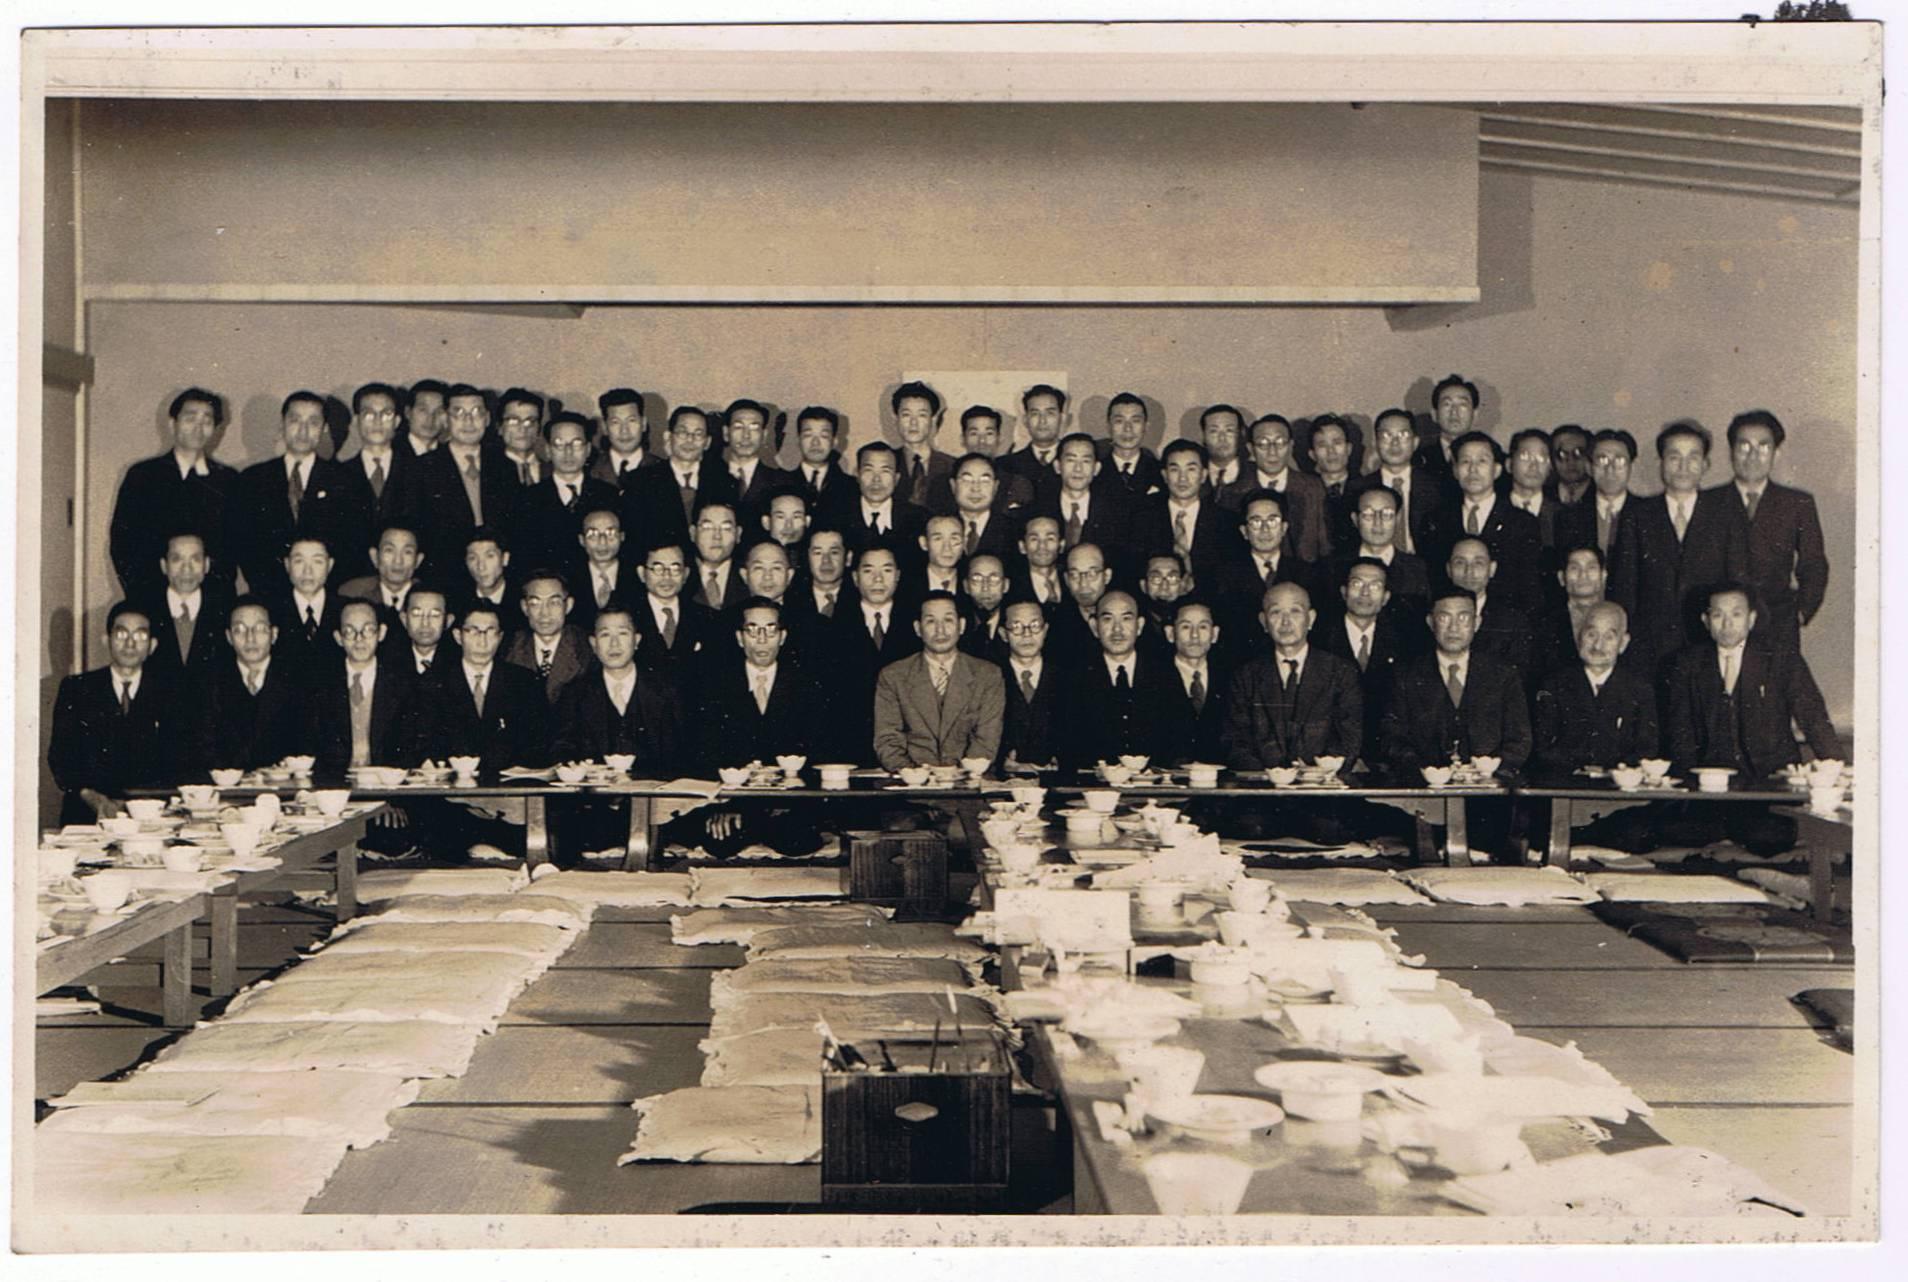 写真|関東支部設立総会 昭和28年11月28日 専売公社美竹会館